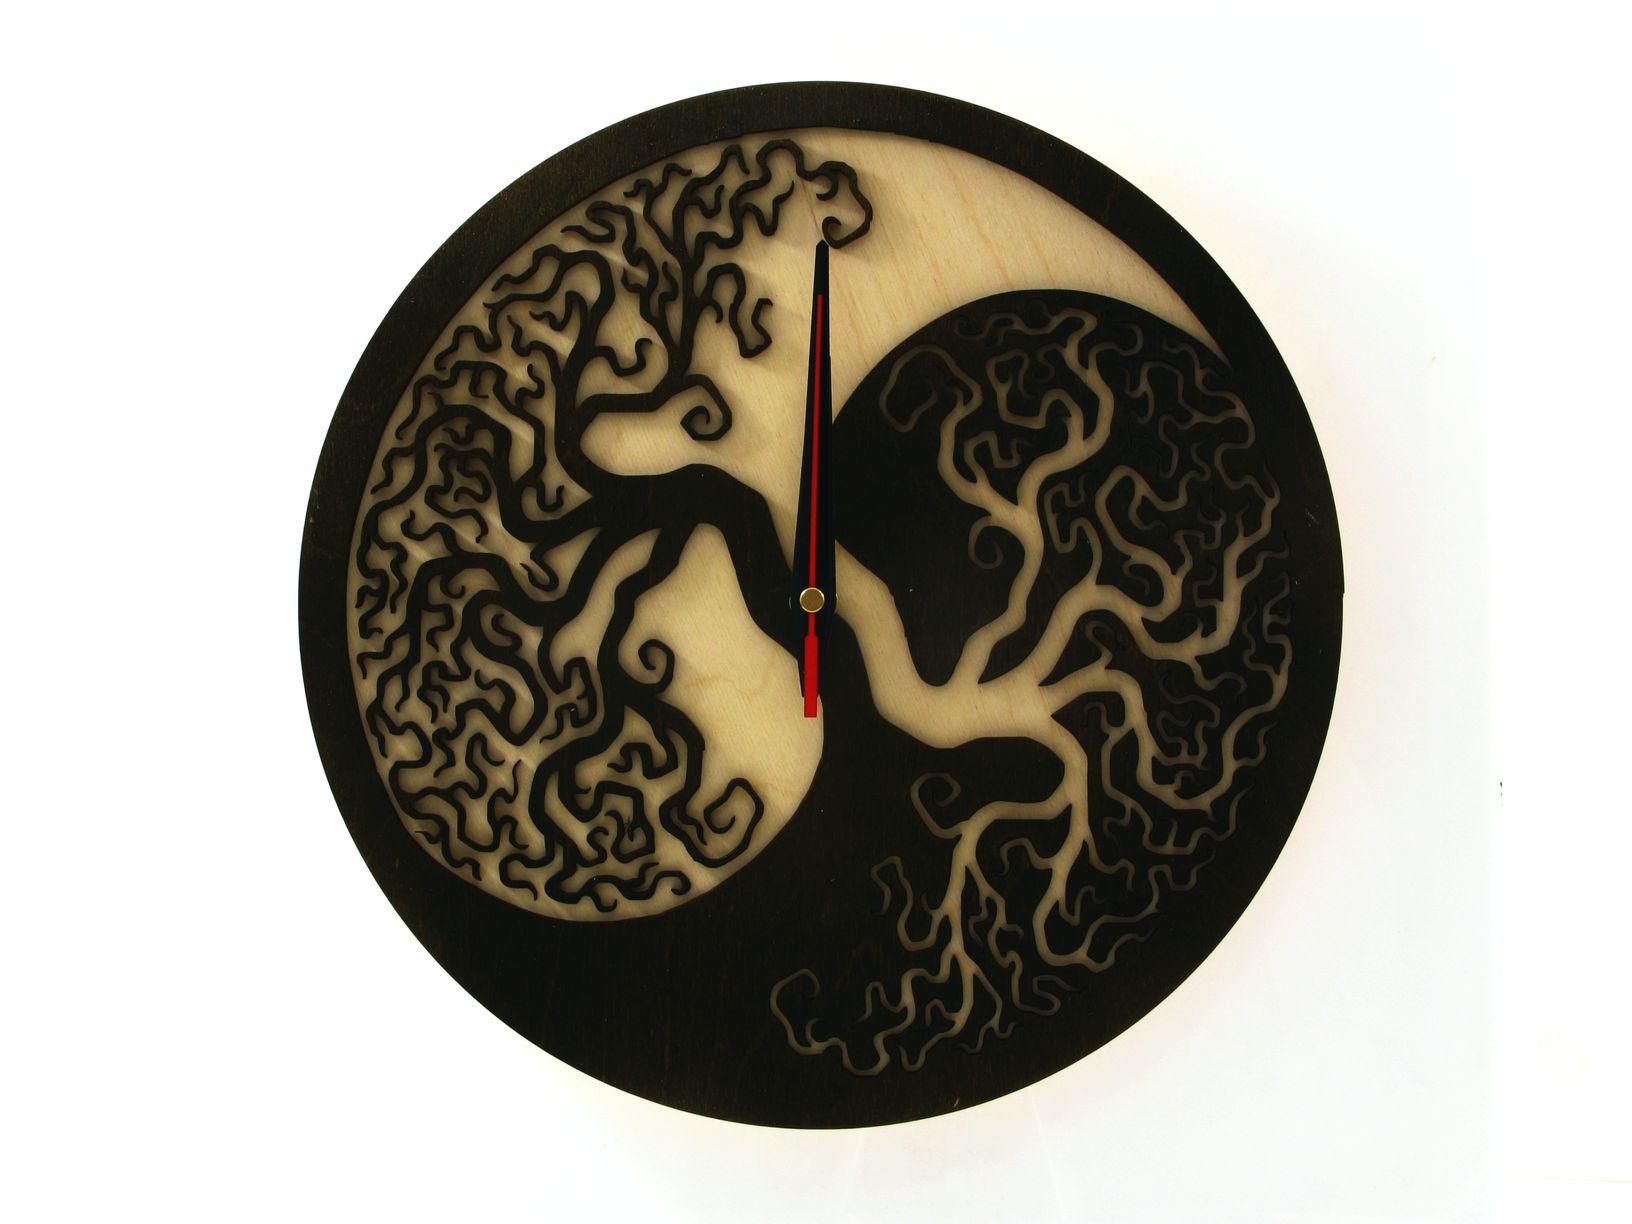 Tree Jing Jang Indigovento